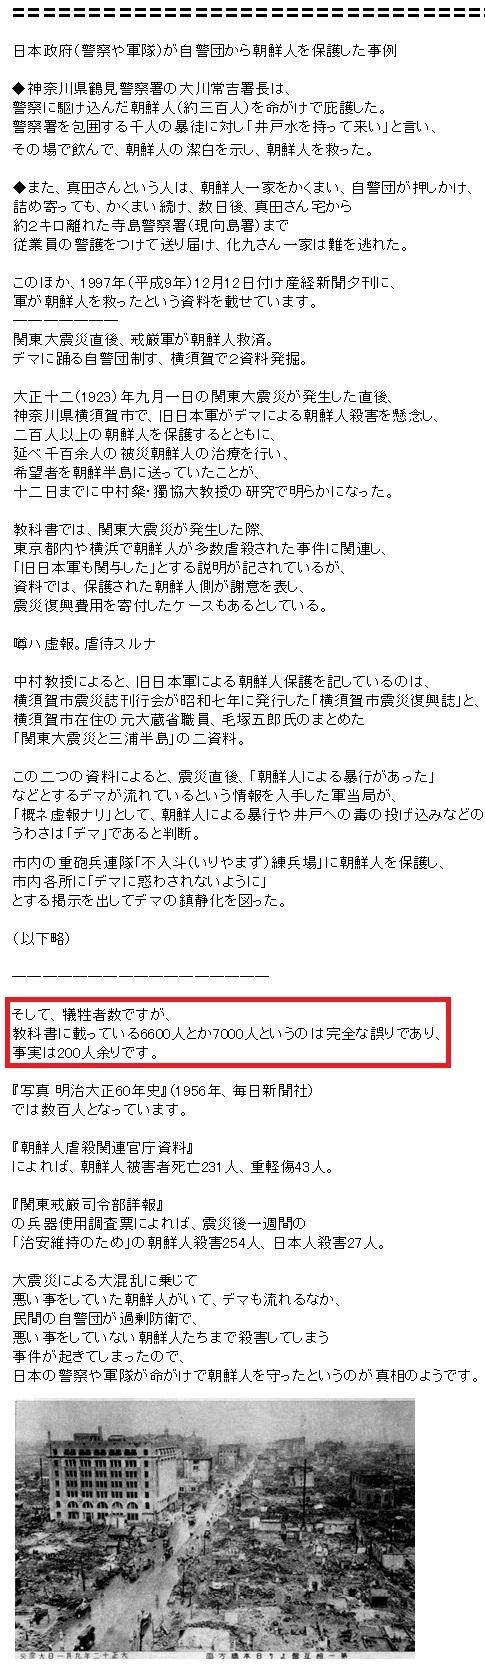 関東大震災「死んだ朝鮮人は200人ちょっと」6